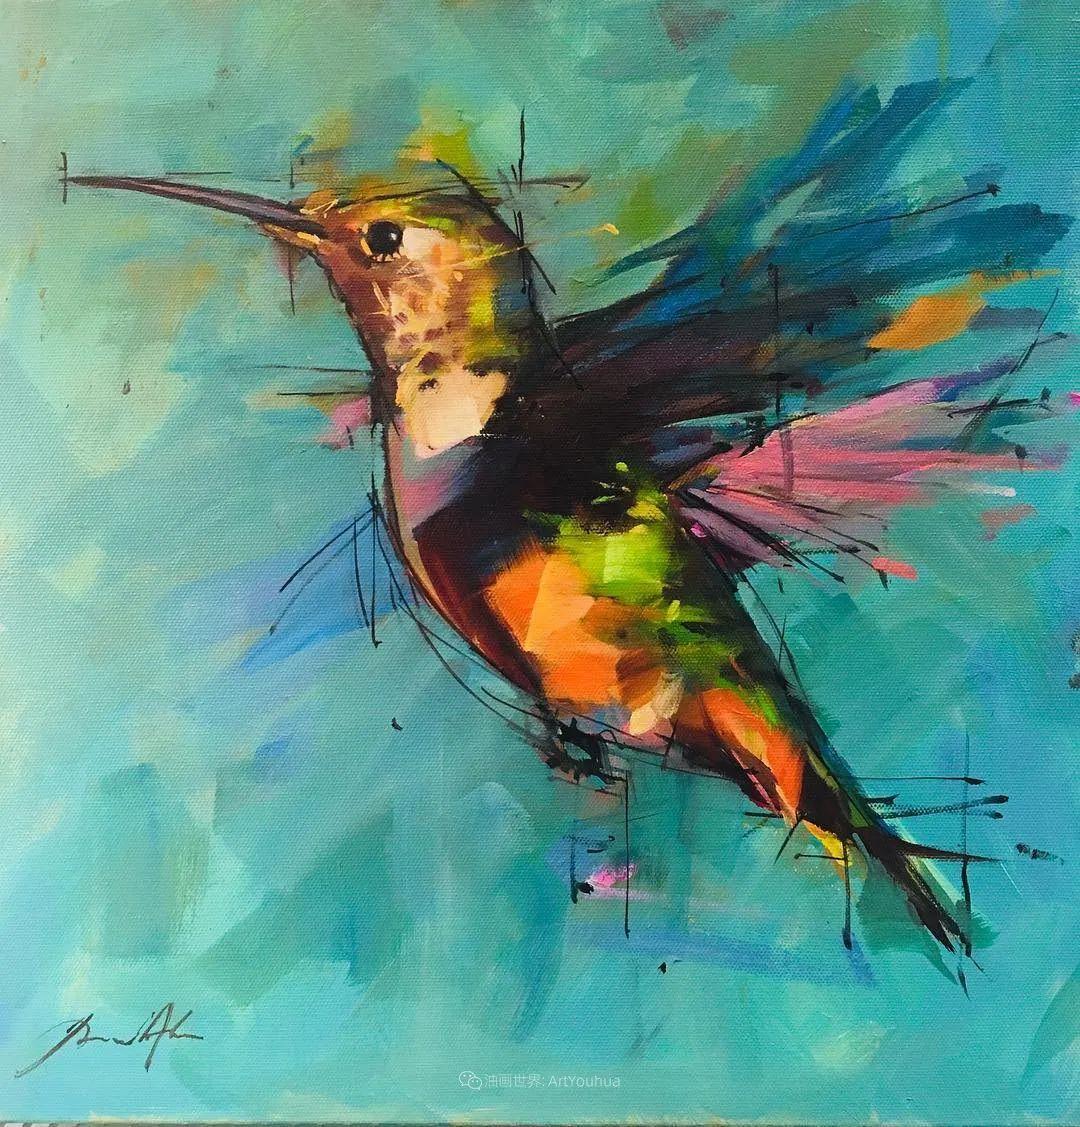 飞行中的鸟儿之美,活力飞扬,太赞了!插图32